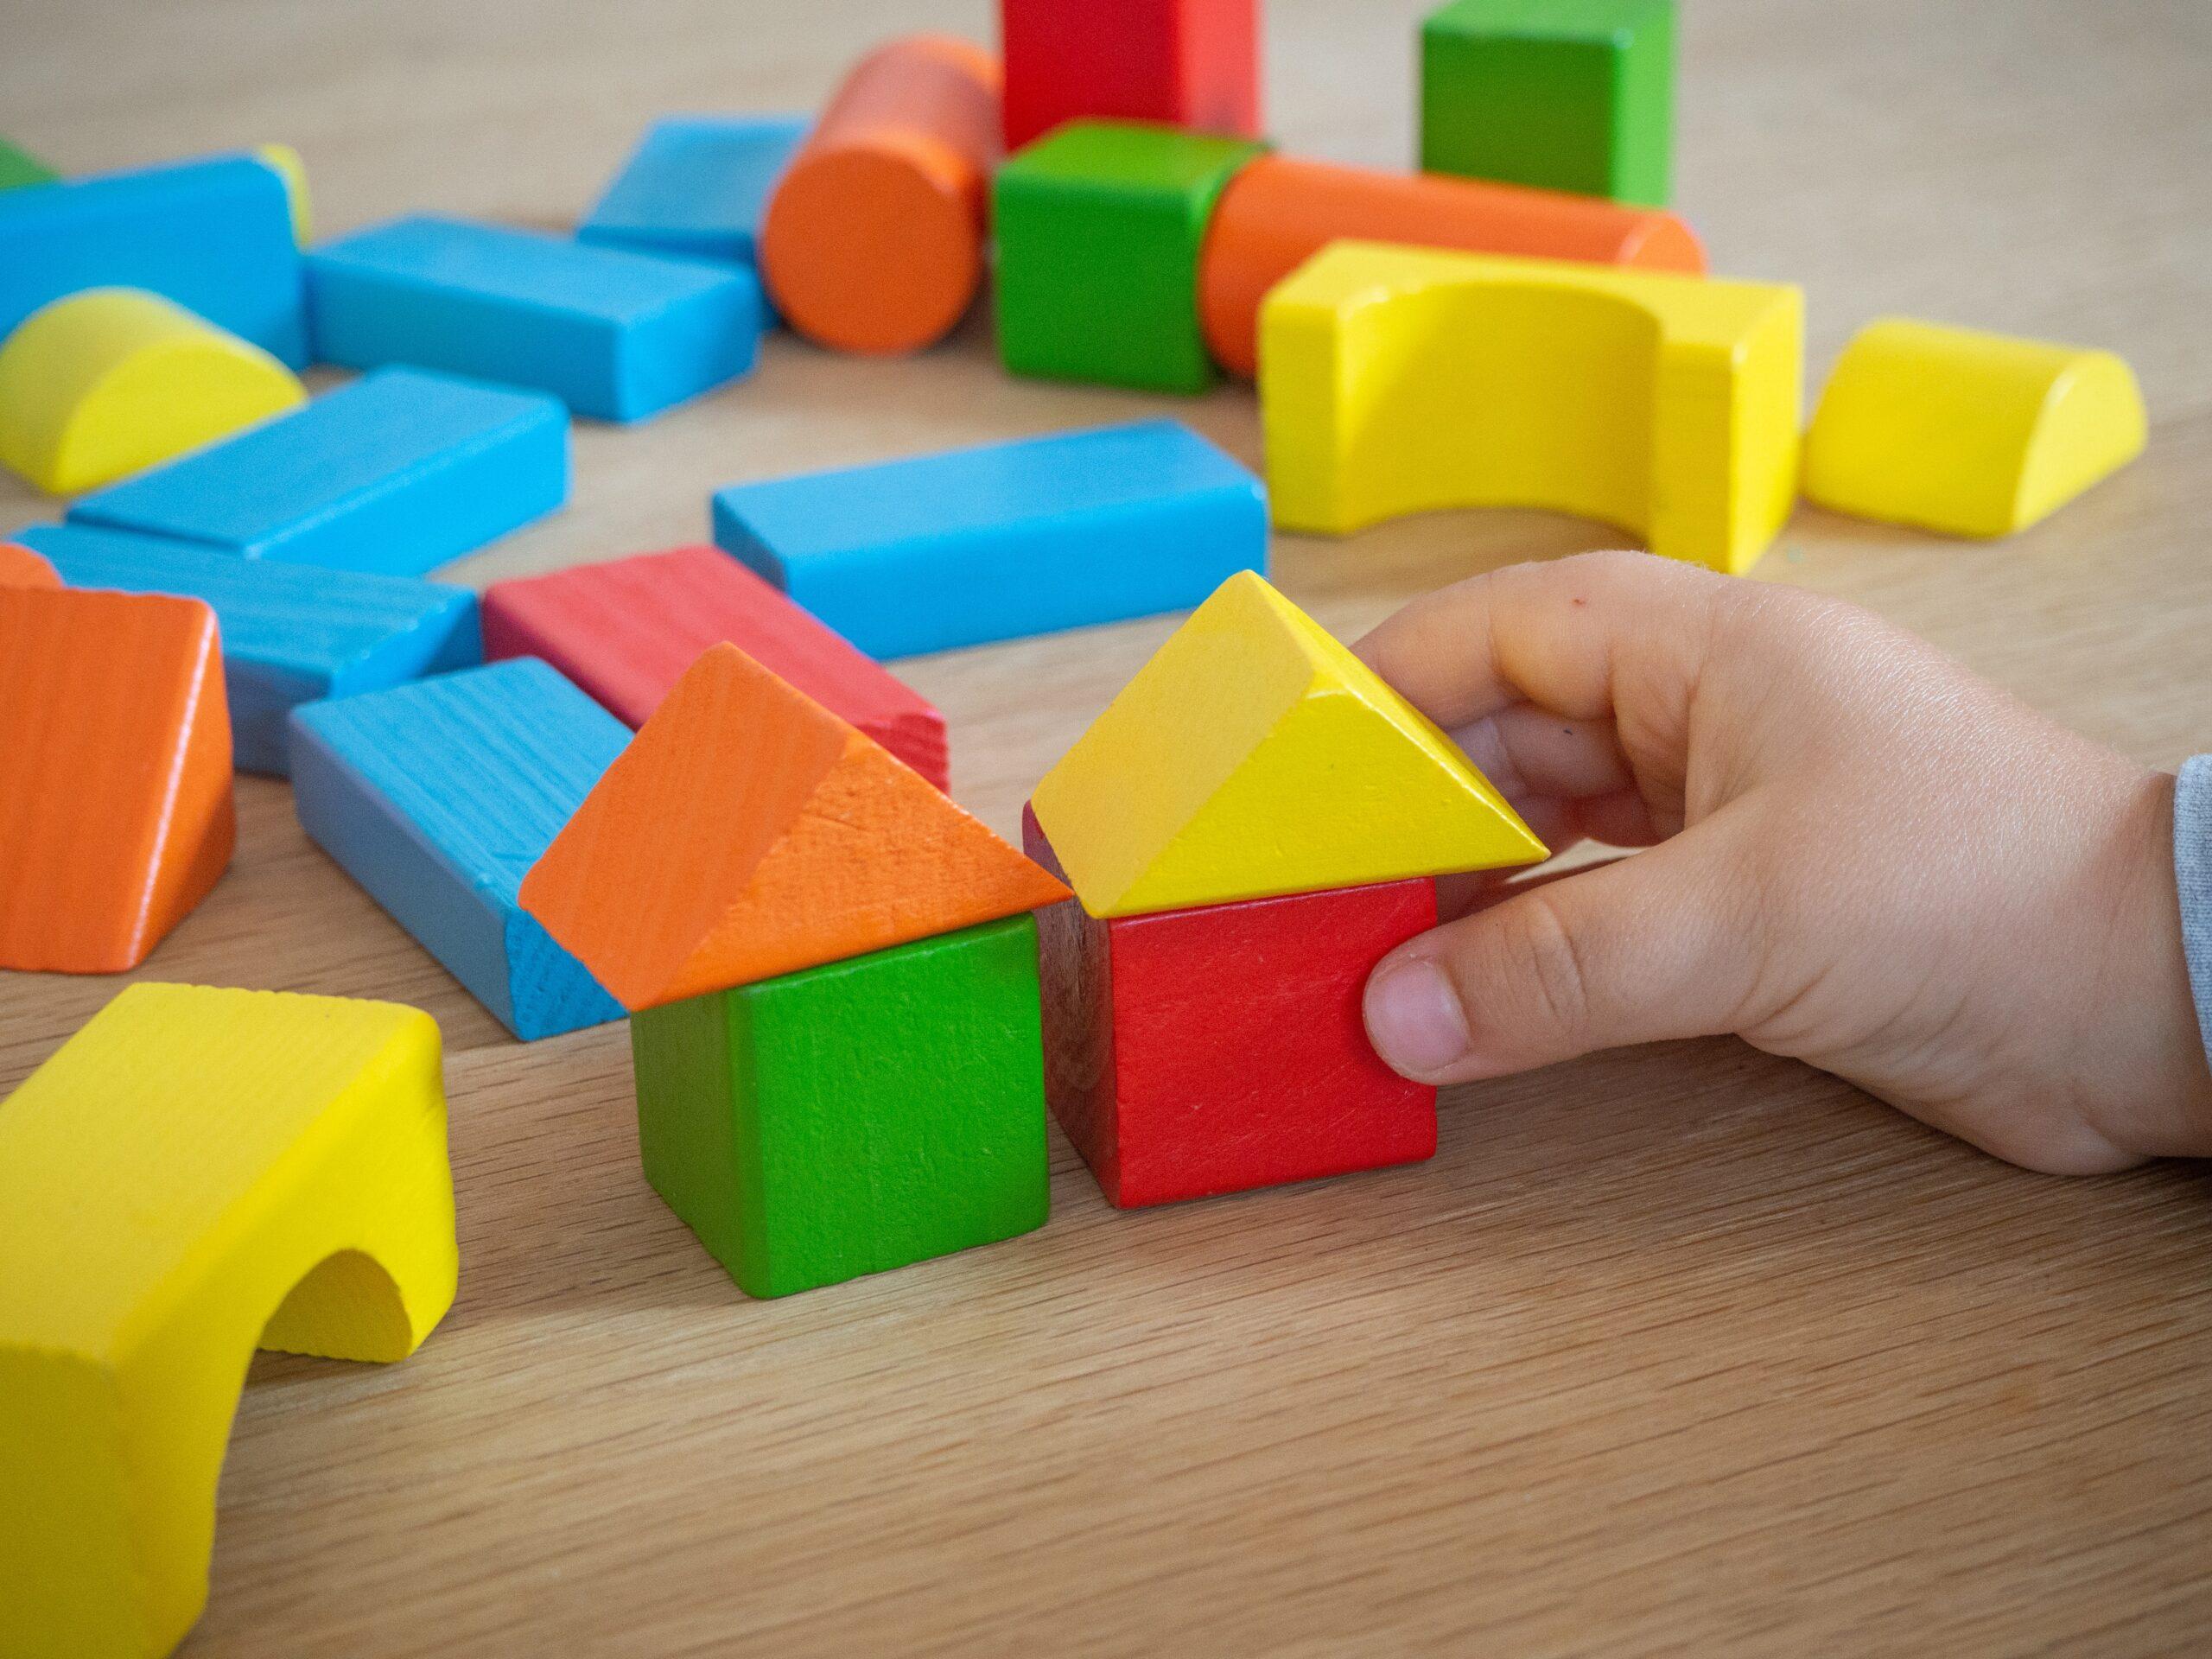 Зображення гри дитини у пірамідку